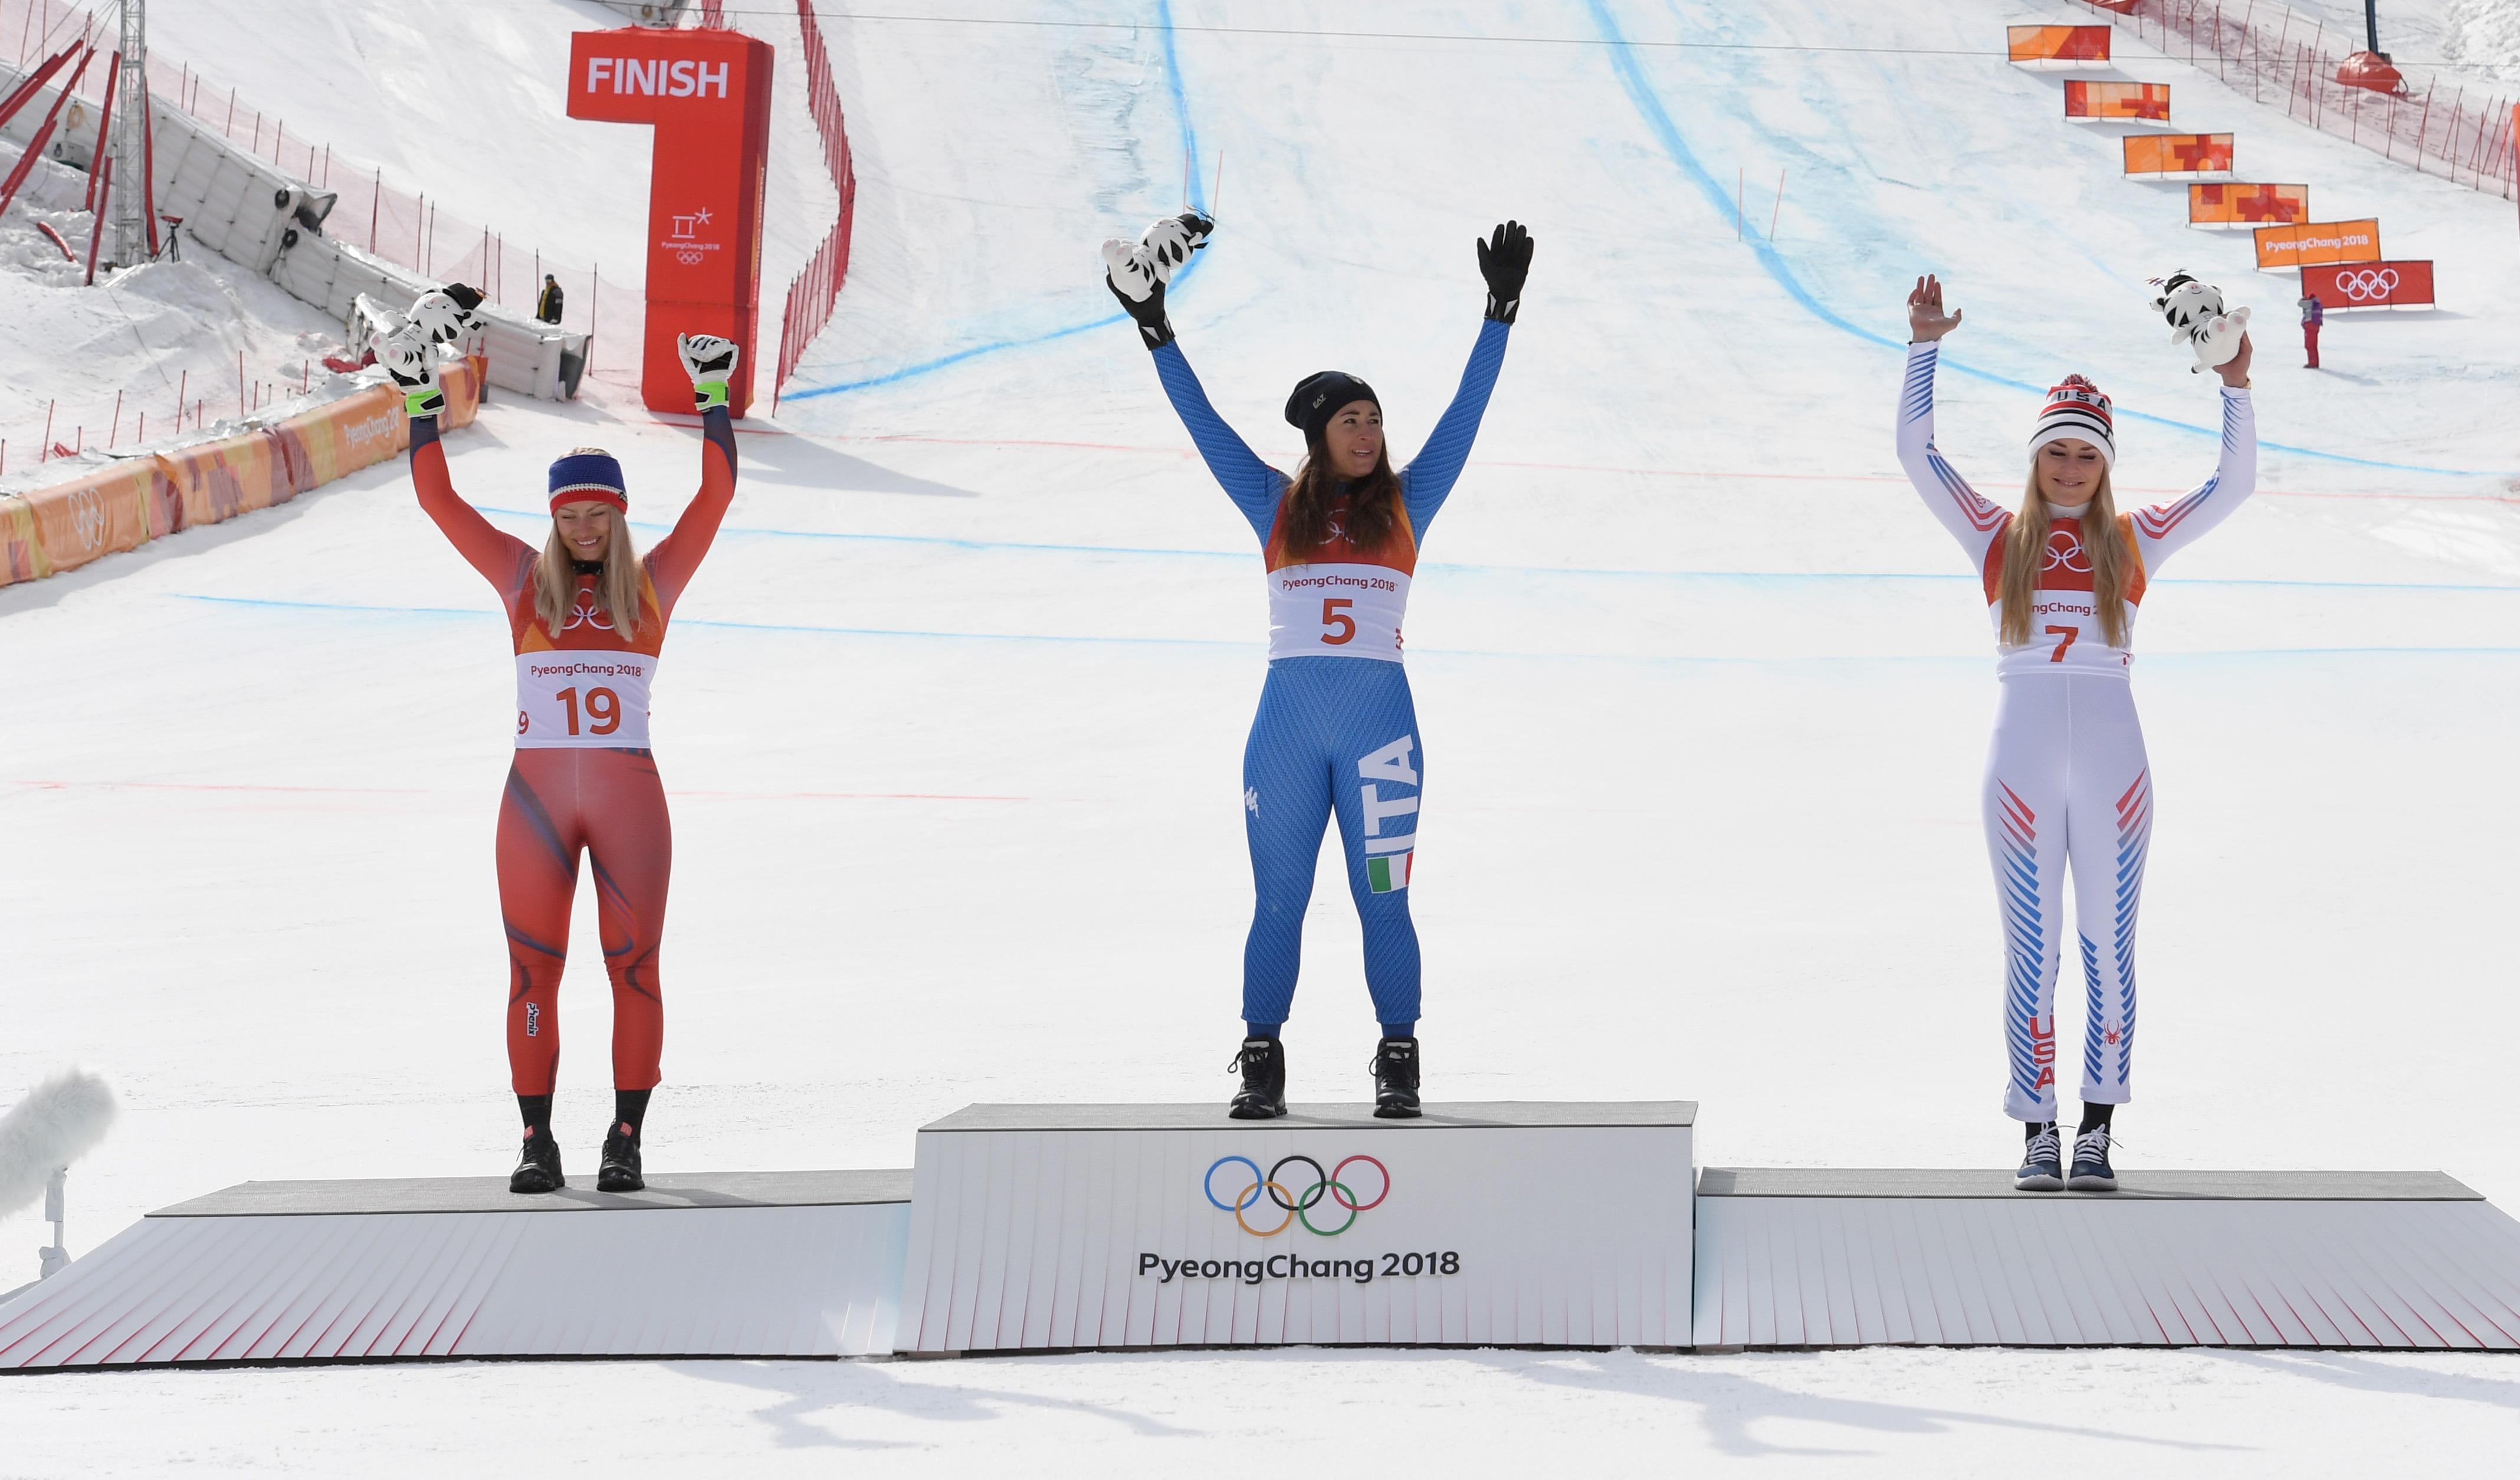 Le foto più belle della sciatrice Sofia Goggia, oro alle Olimpiadi / Image 13